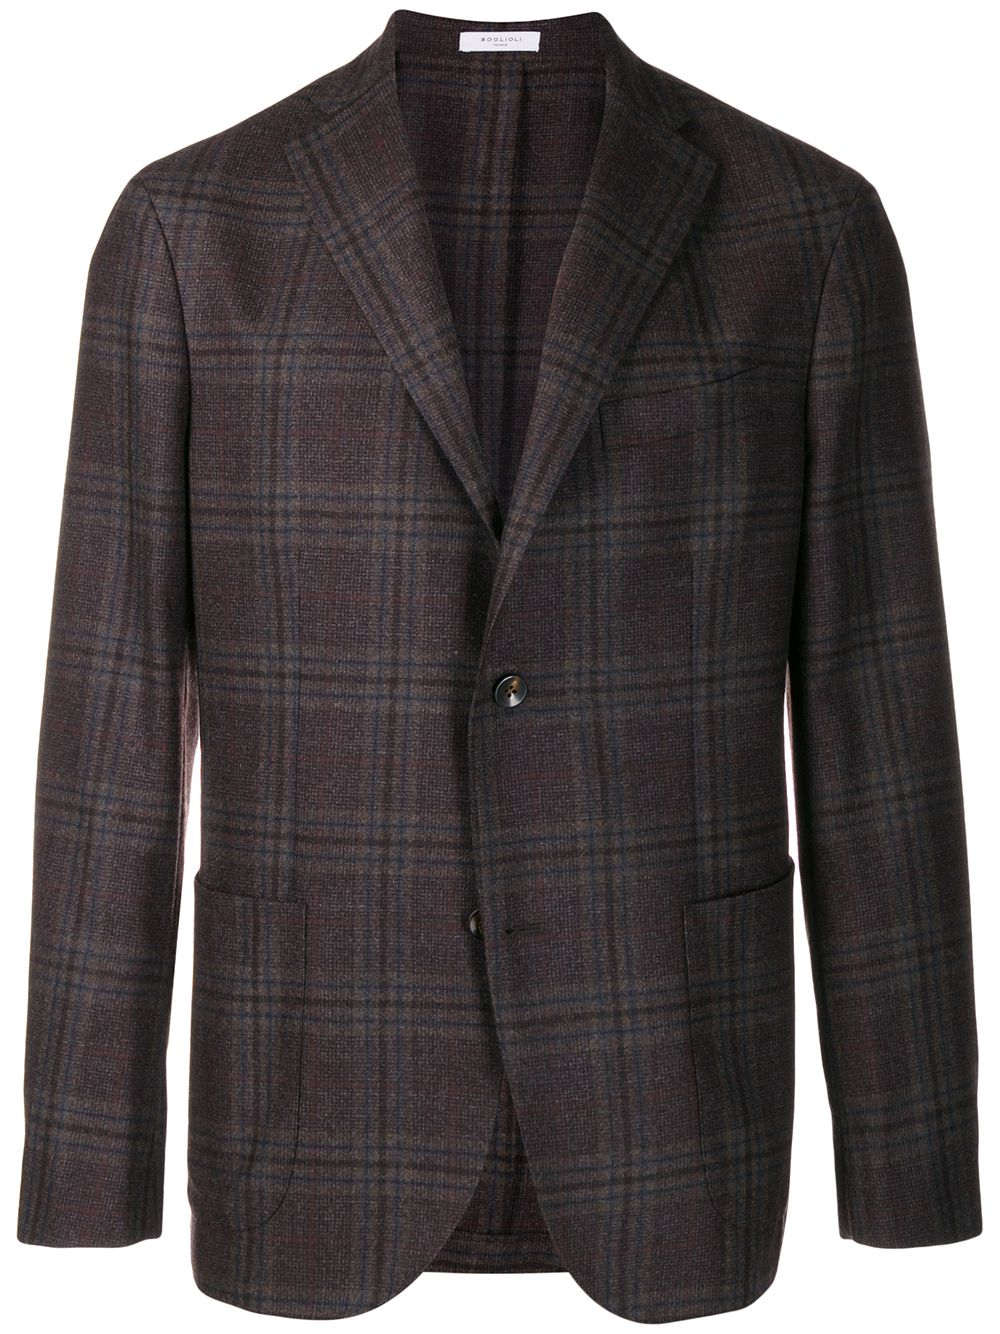 Giacca monopetto in misto cotone e lana vergine marrone BOGLIOLI   Giacche   N1302EWS-BPC043491